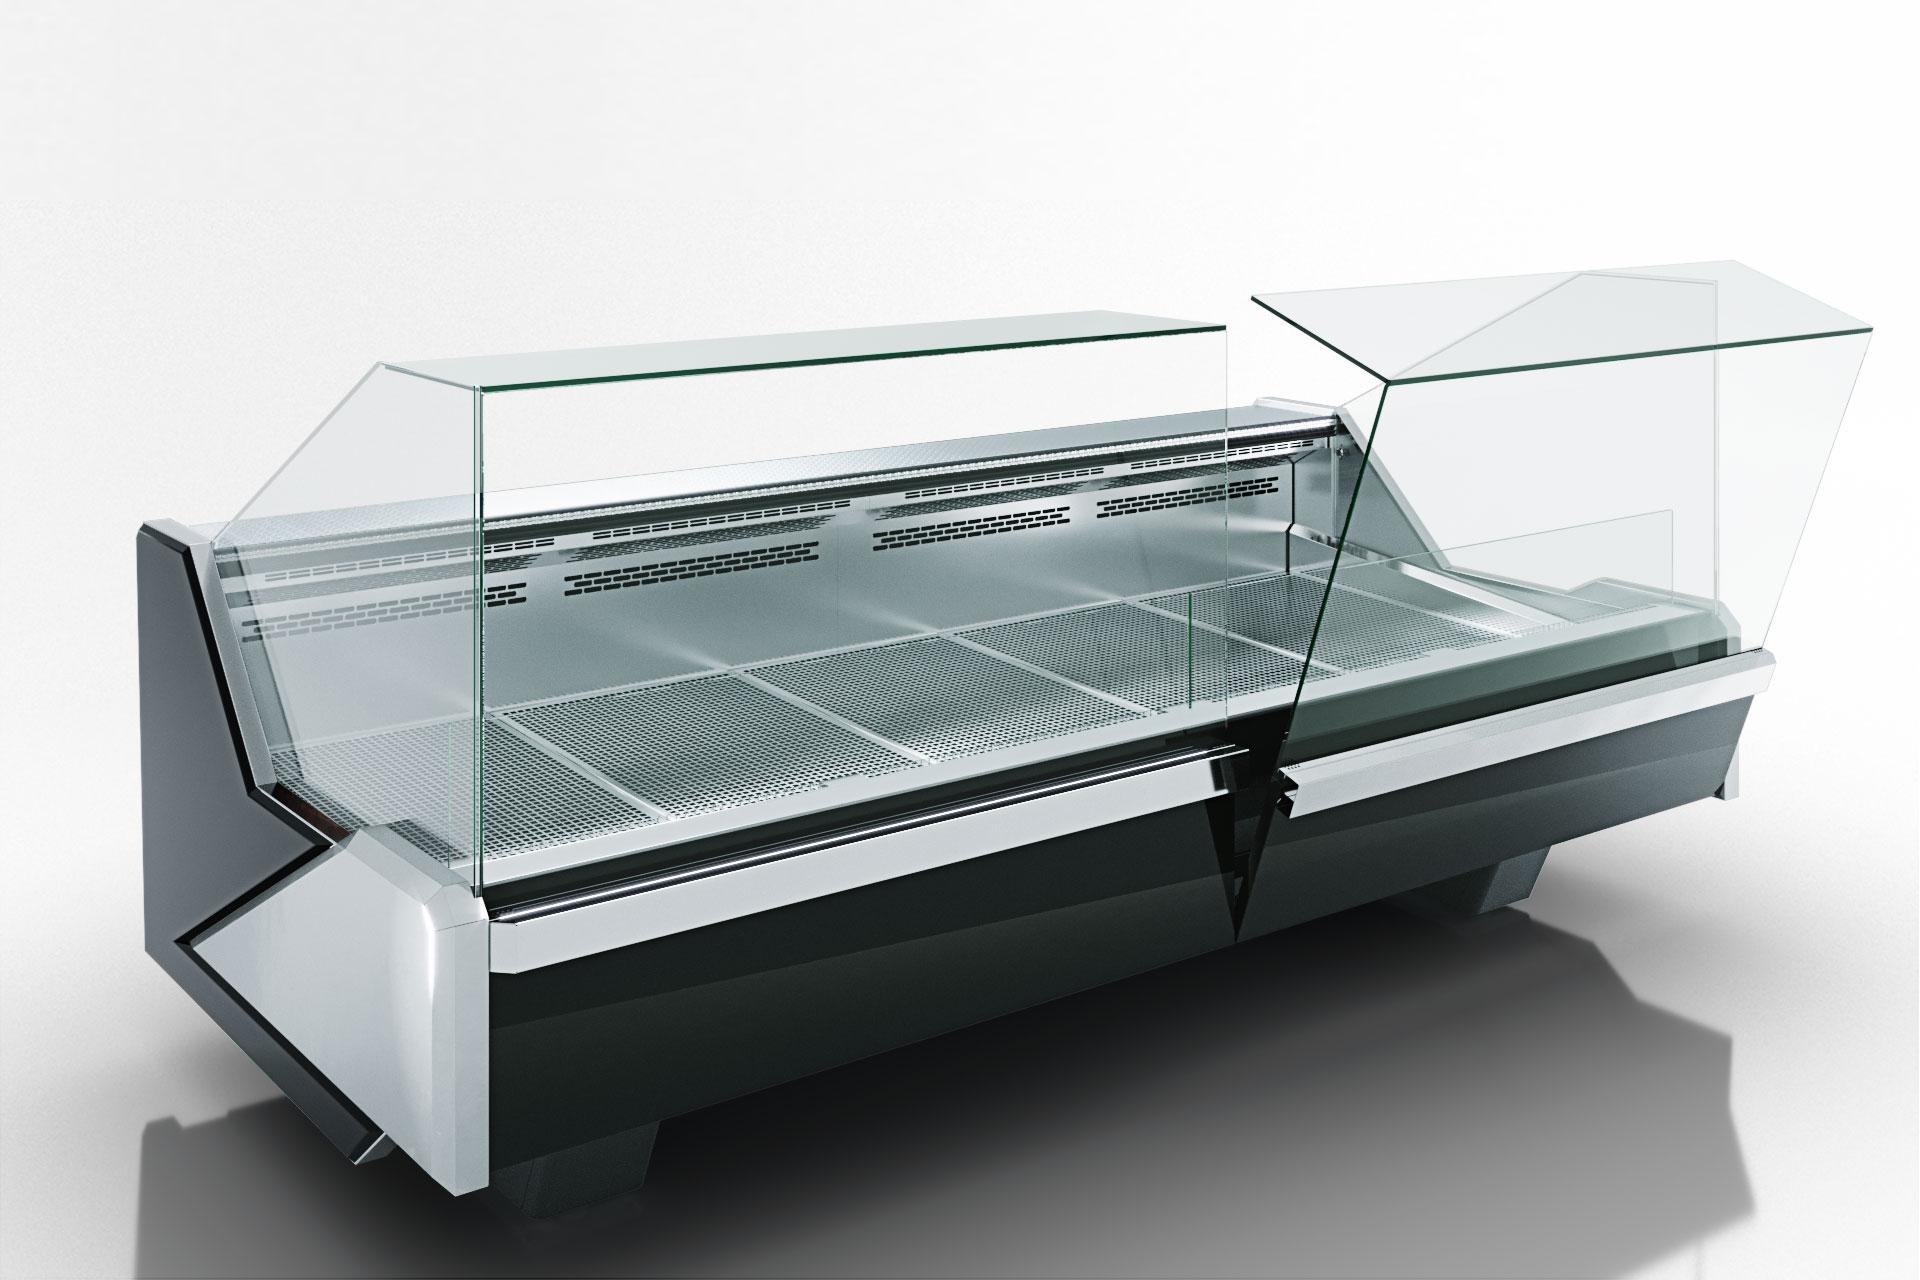 מקרר תצוגה MISSOURI ENIGMA NC 125 ICE OS/SELF